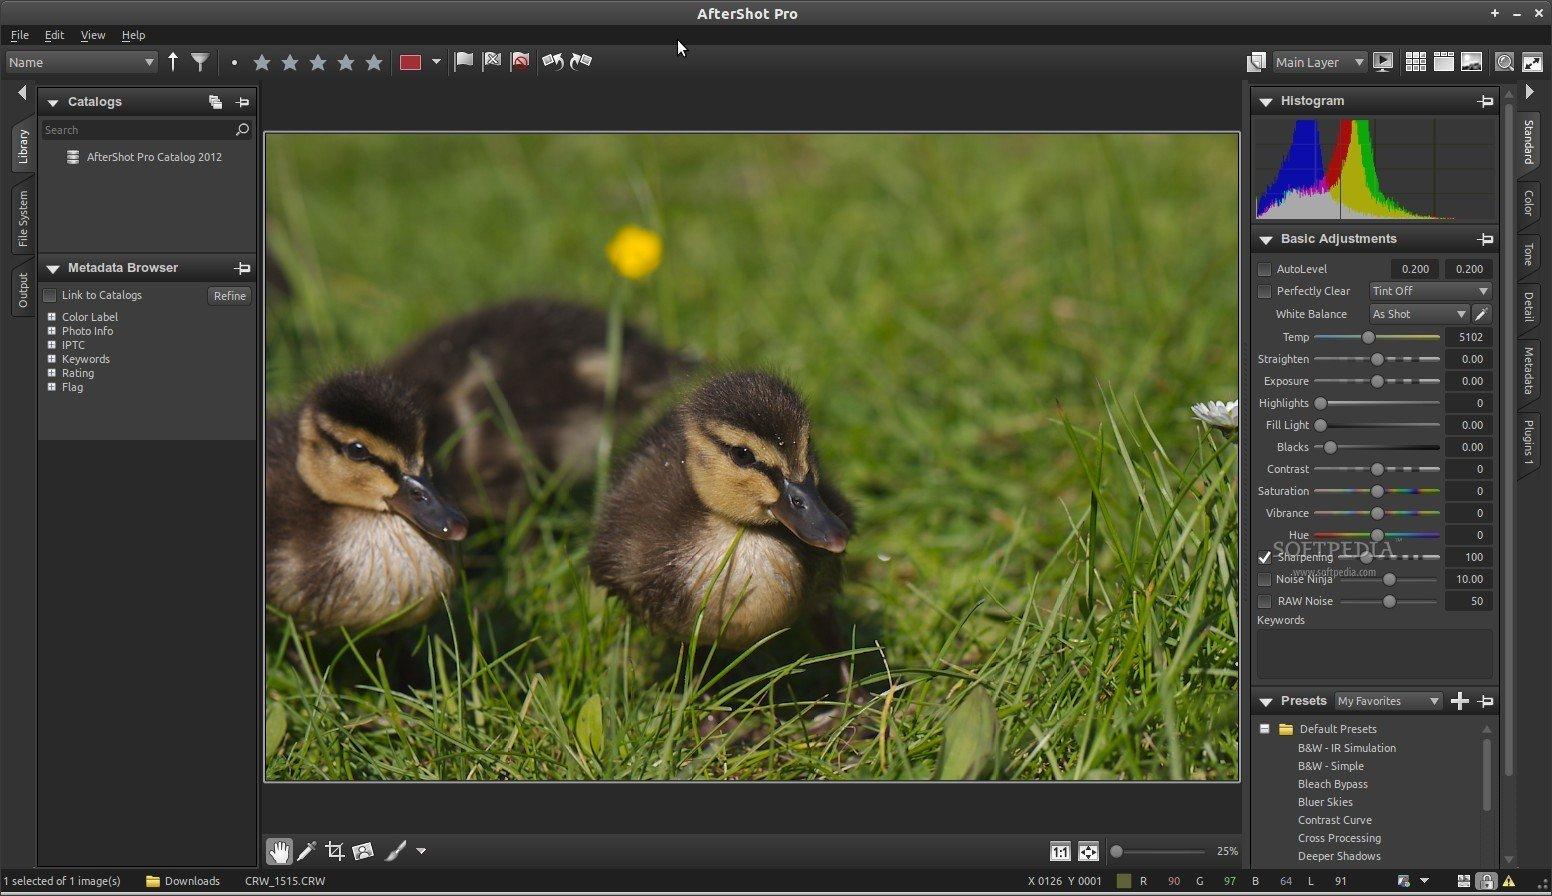 AfterShot Pro UI